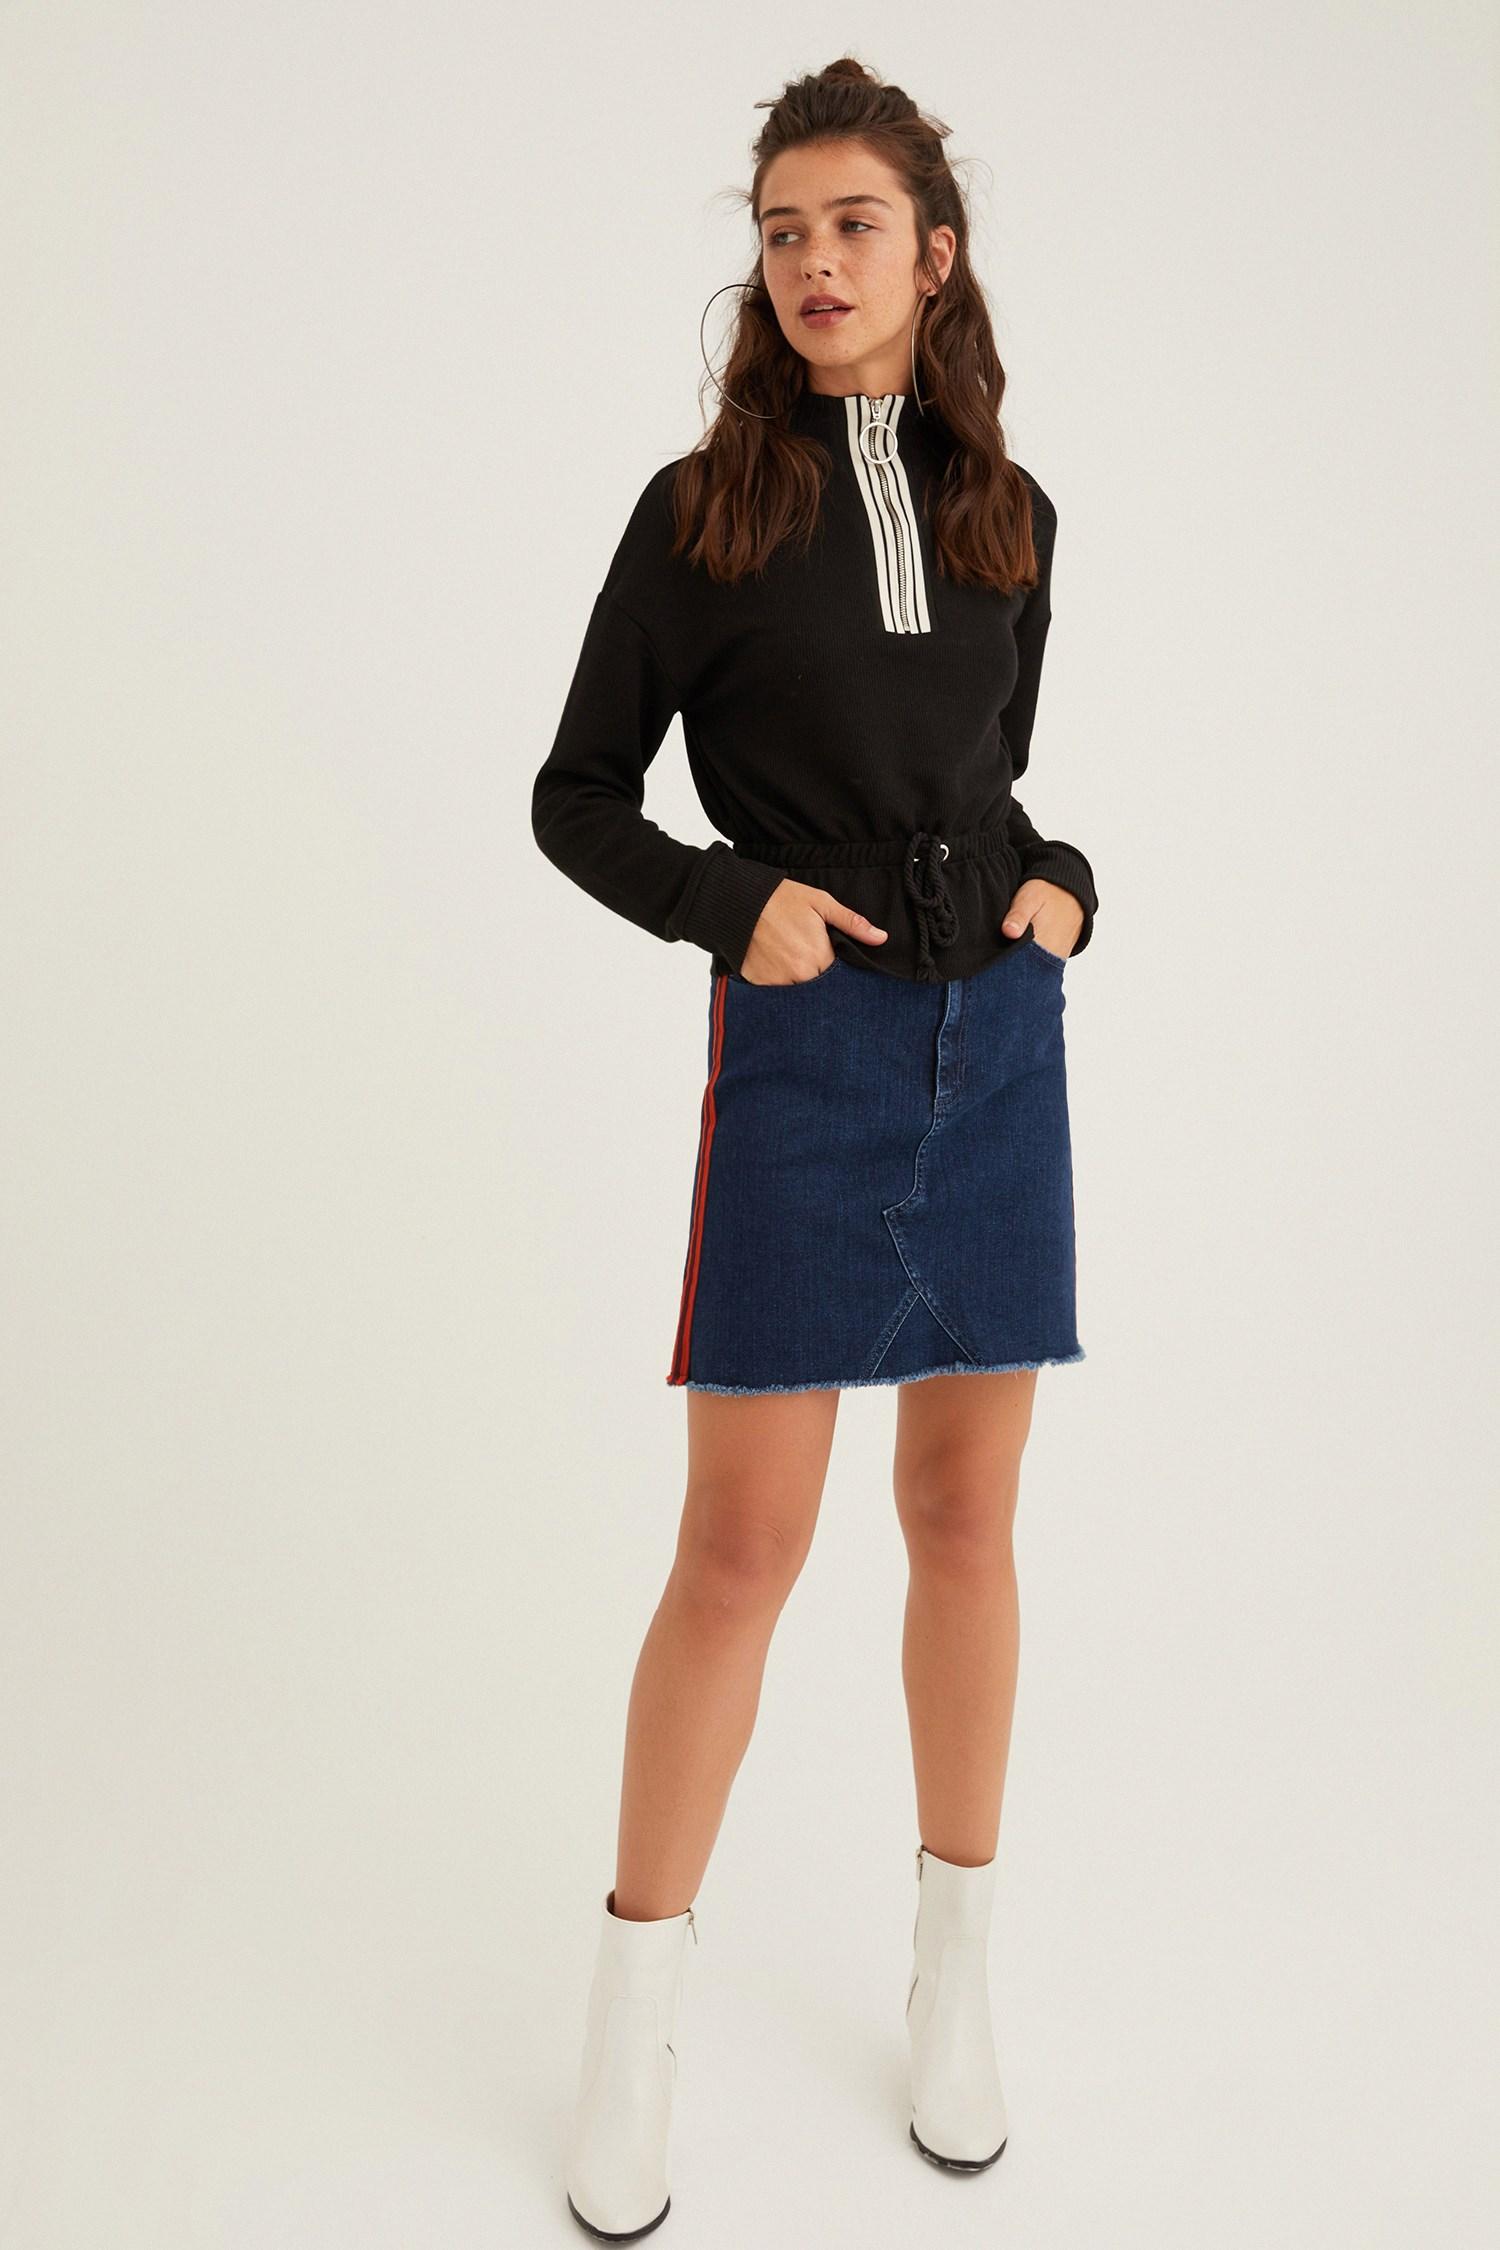 Bayan Siyah Yakası Fermuar Detaylı Sweatshirt